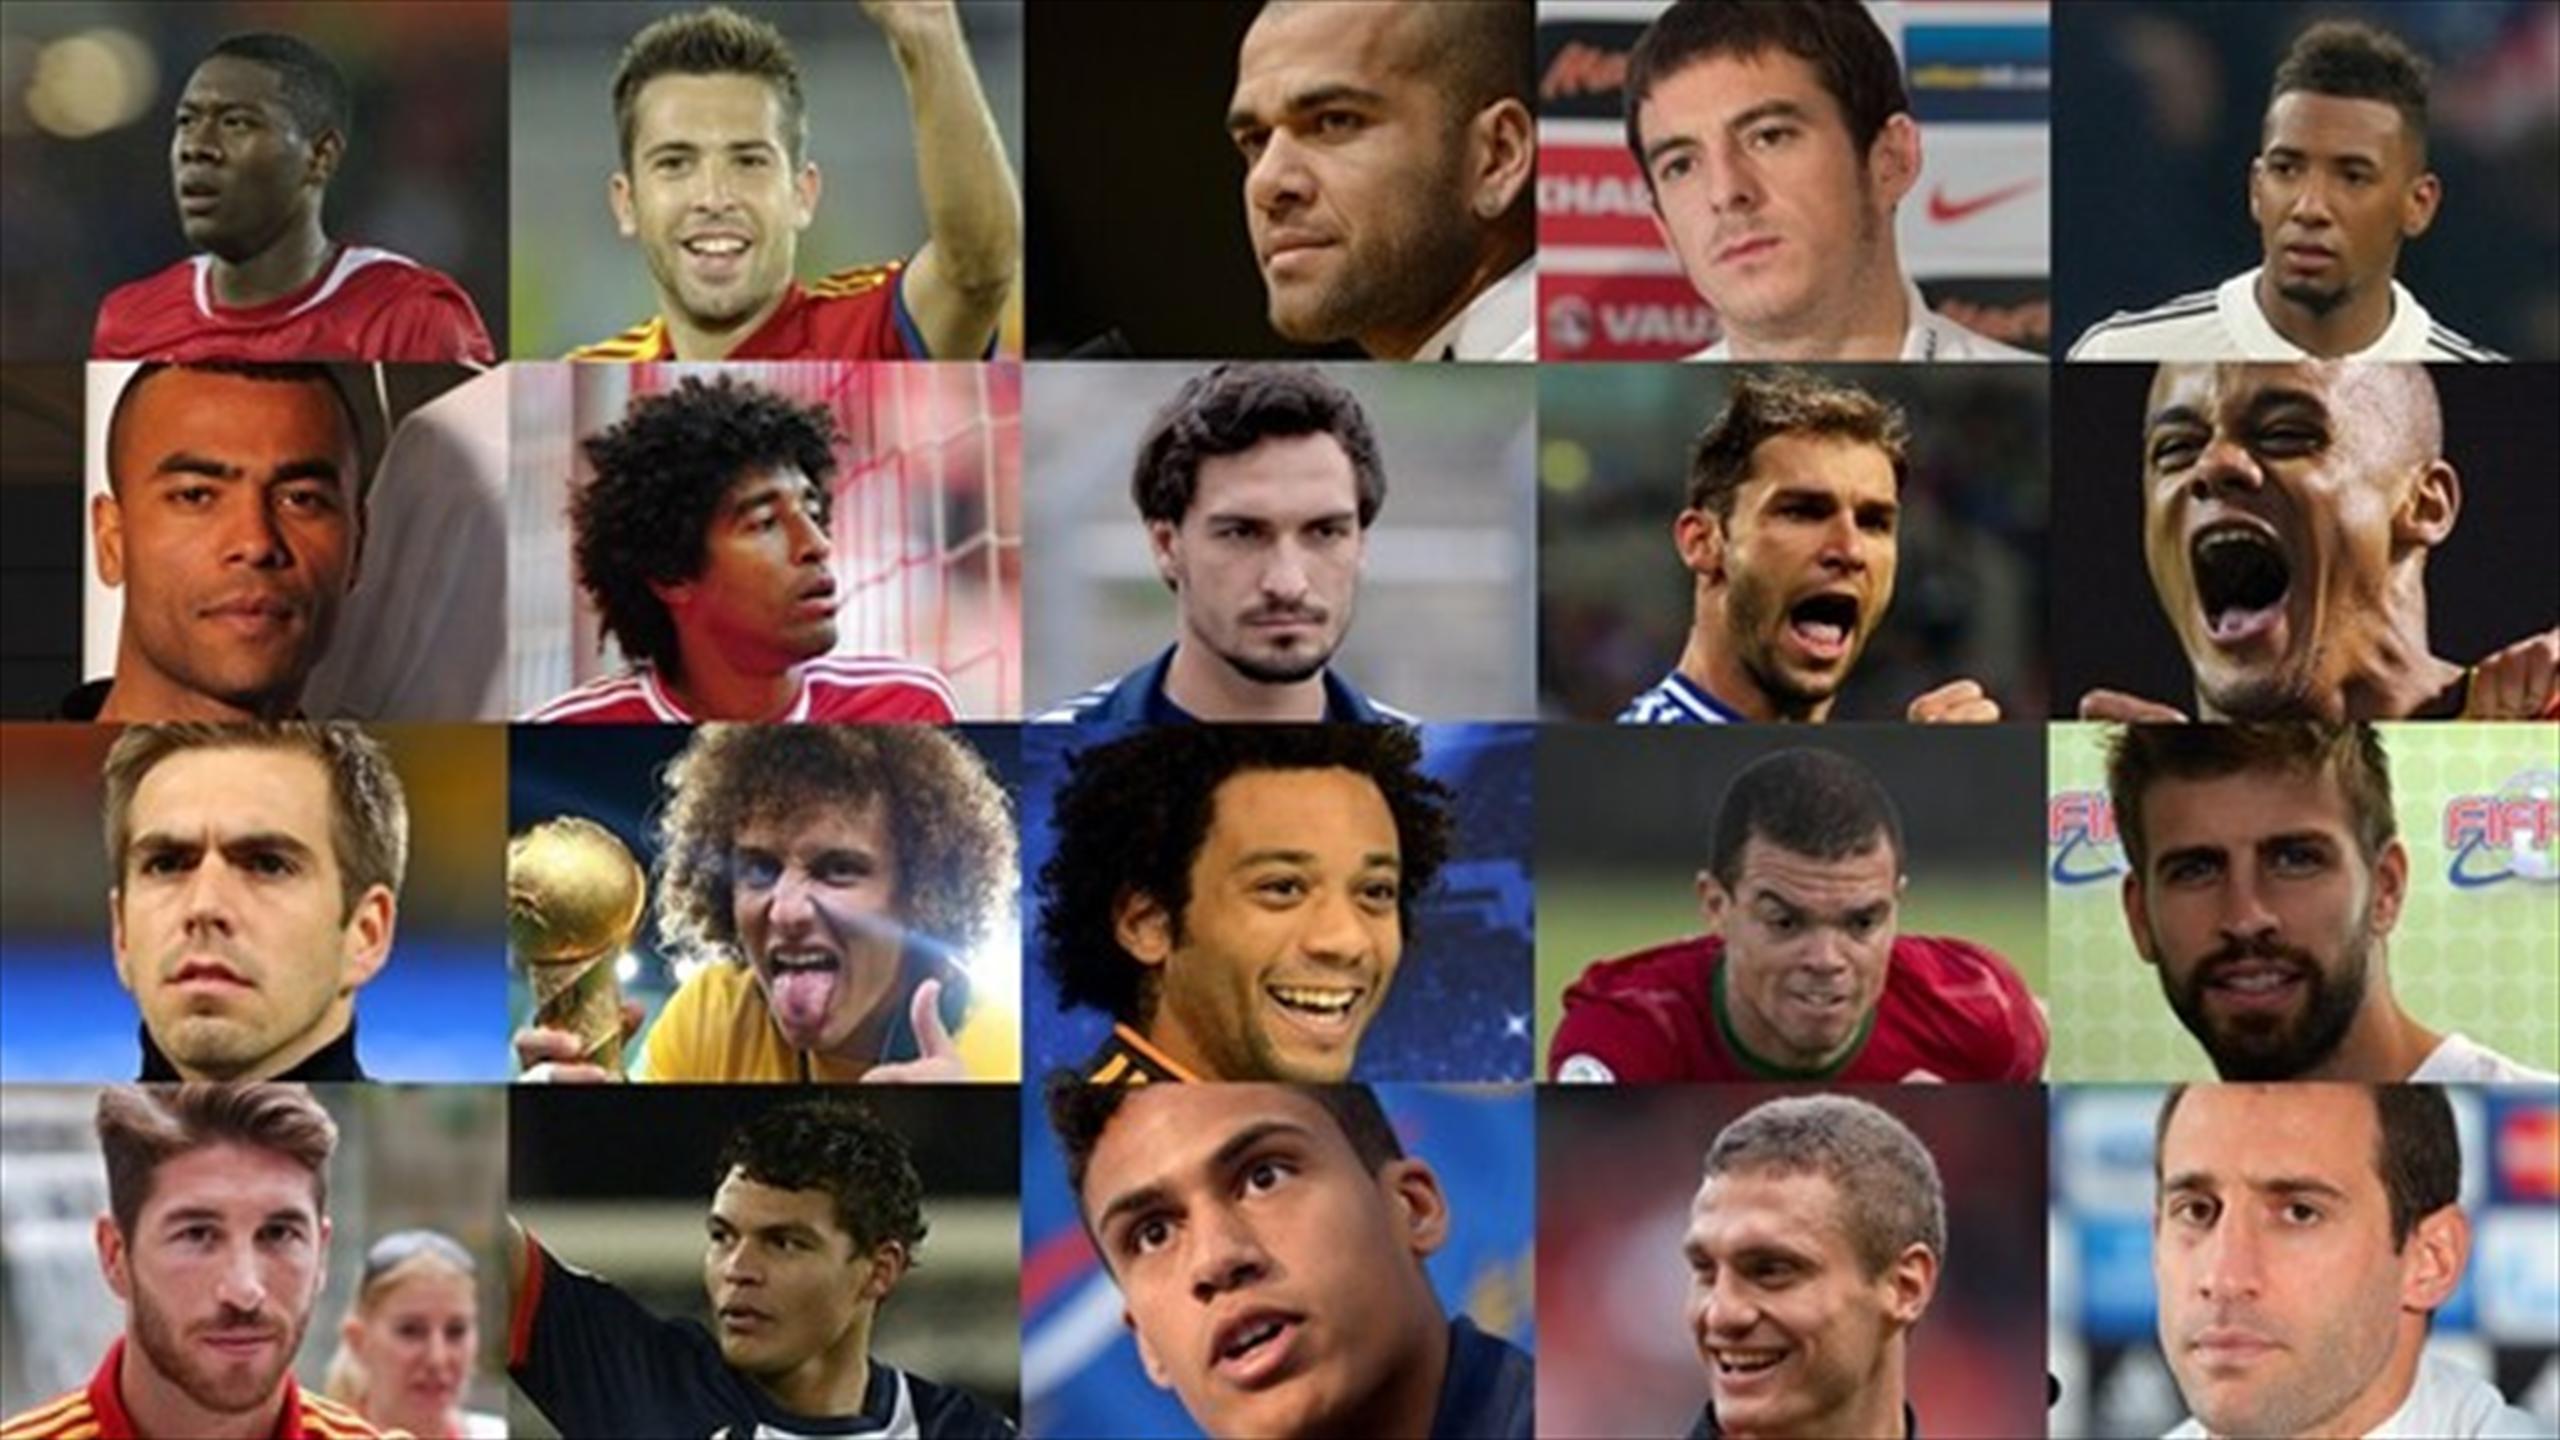 Имена футболистов на английском